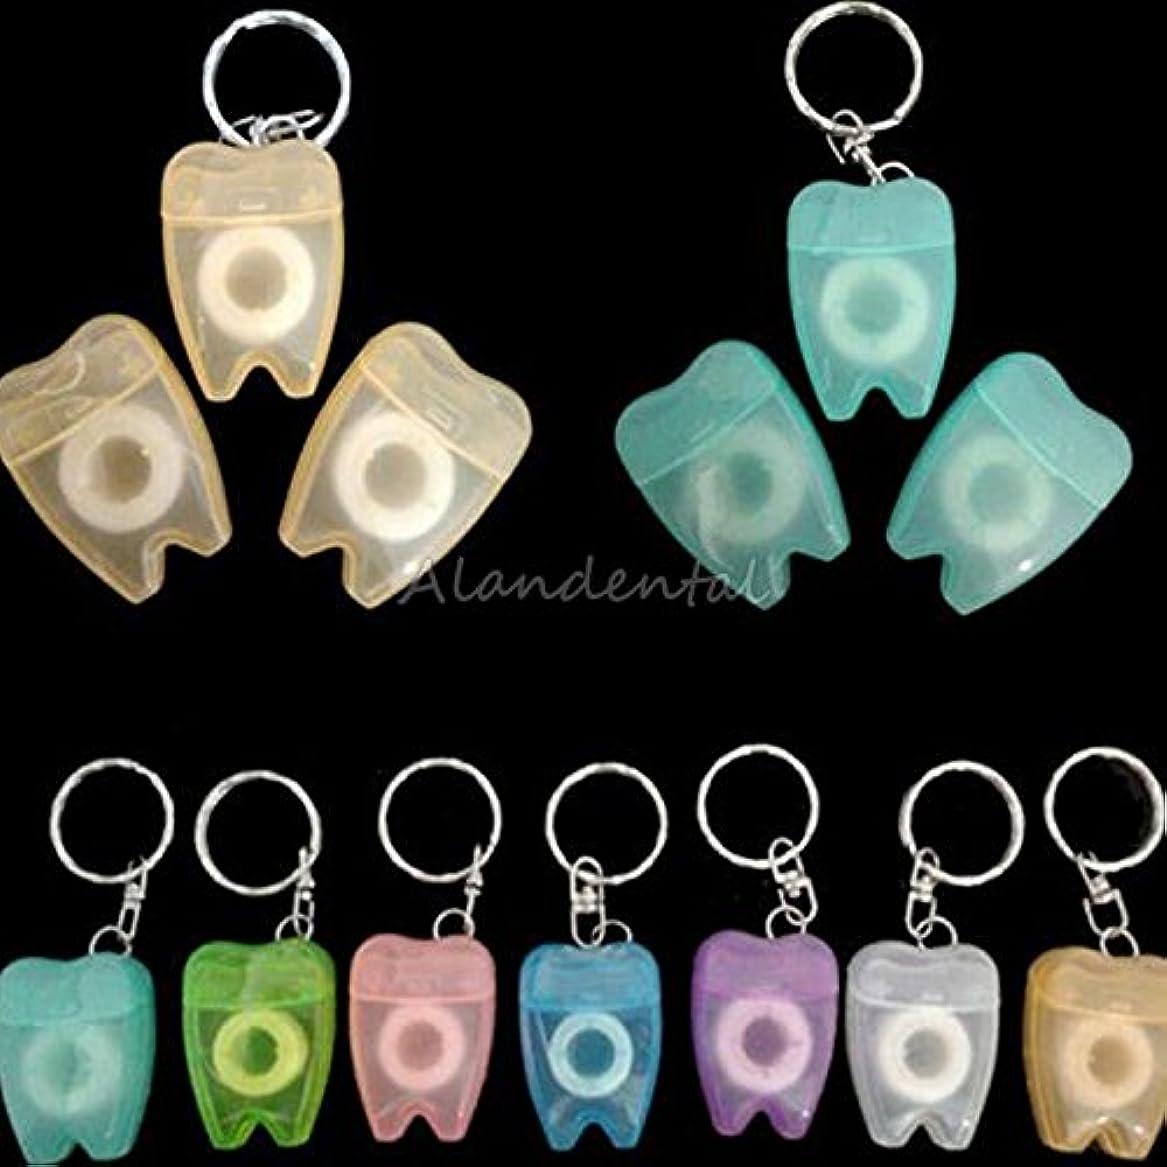 ぼかす判定ながらALAN 10個歯科糸ようじミニ口腔健康デンタルフロスキーホルダー歯科クリニック贈り物 プレゼント 15メートル